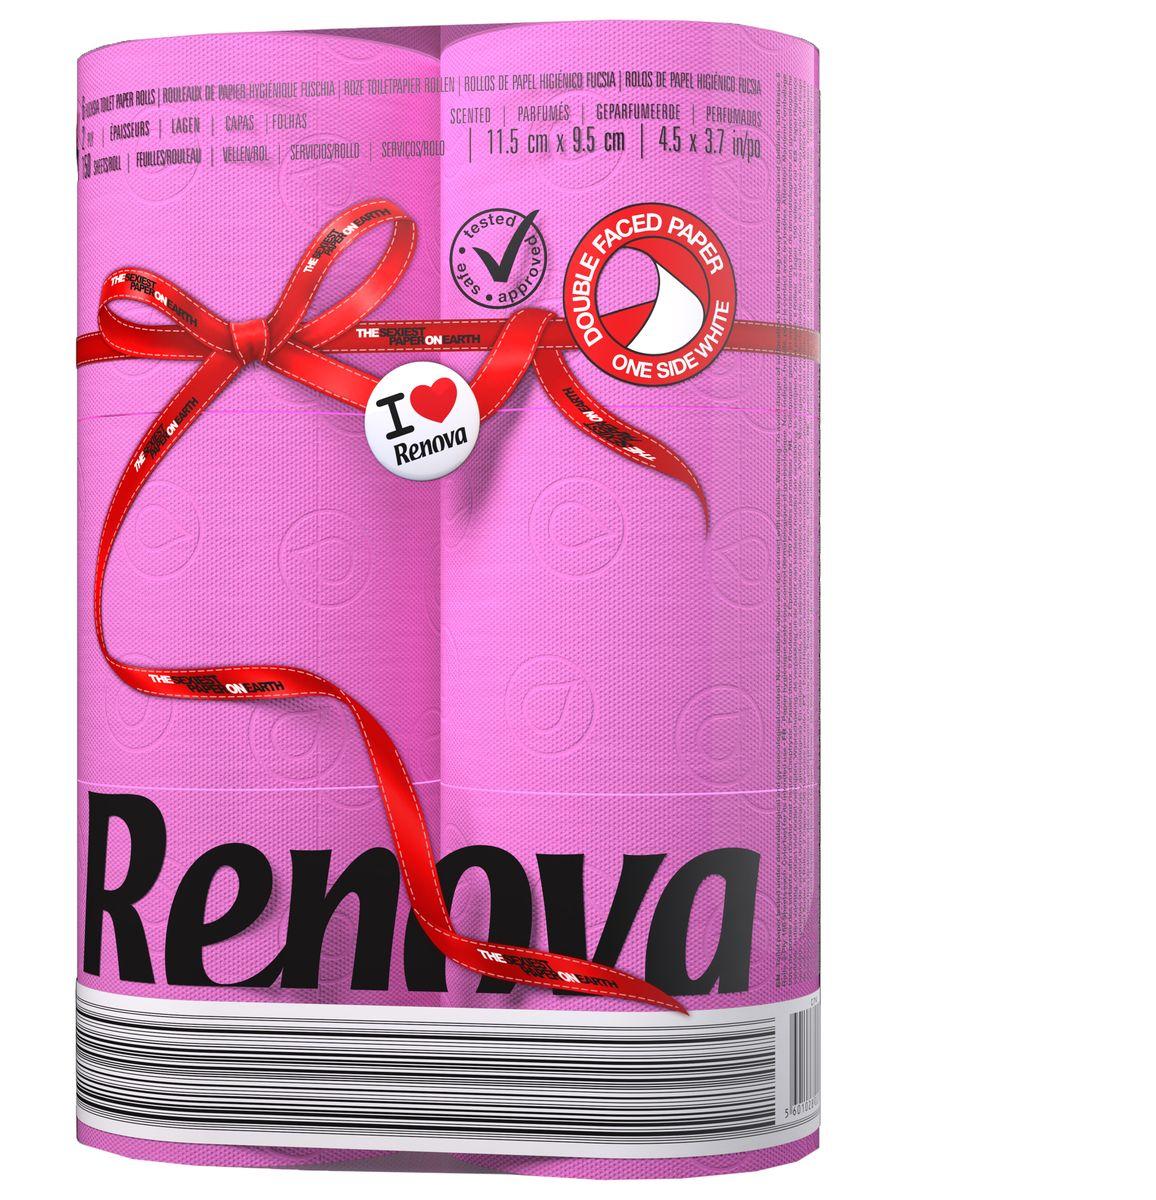 Туалетная бумага Renova, двухслойная, ароматизированная, цвет: фуксия, 6 рулонов200066926Туалетная бумага Renova изготовлена по новейшей технологии из 100% ароматизированной целлюлозы, благодаря чему она имеет тонкий аромат, очень мягкая, нежная, но в тоже время прочная. Эксклюзивная двухсторонняя туалетная бумага Renova  экстрамодного цвета, придаст вашему туалету оригинальность. Состав: 100% ароматизированная целлюлоза. Количество листов: 150 шт. Количество слоев: 2. Размер листа: 11,5 см х 9,5 см. Количество рулонов: 6 шт. Португальская компания Renova является ведущим разработчиком новейших технологий производства, нового стиля и направления на рынке гигиенической продукции. Современный дизайн и высочайшее качество, дерматологический контроль - это то, что выделяет компанию Renova среди других производителей бумажной санитарно-гигиенической продукции.